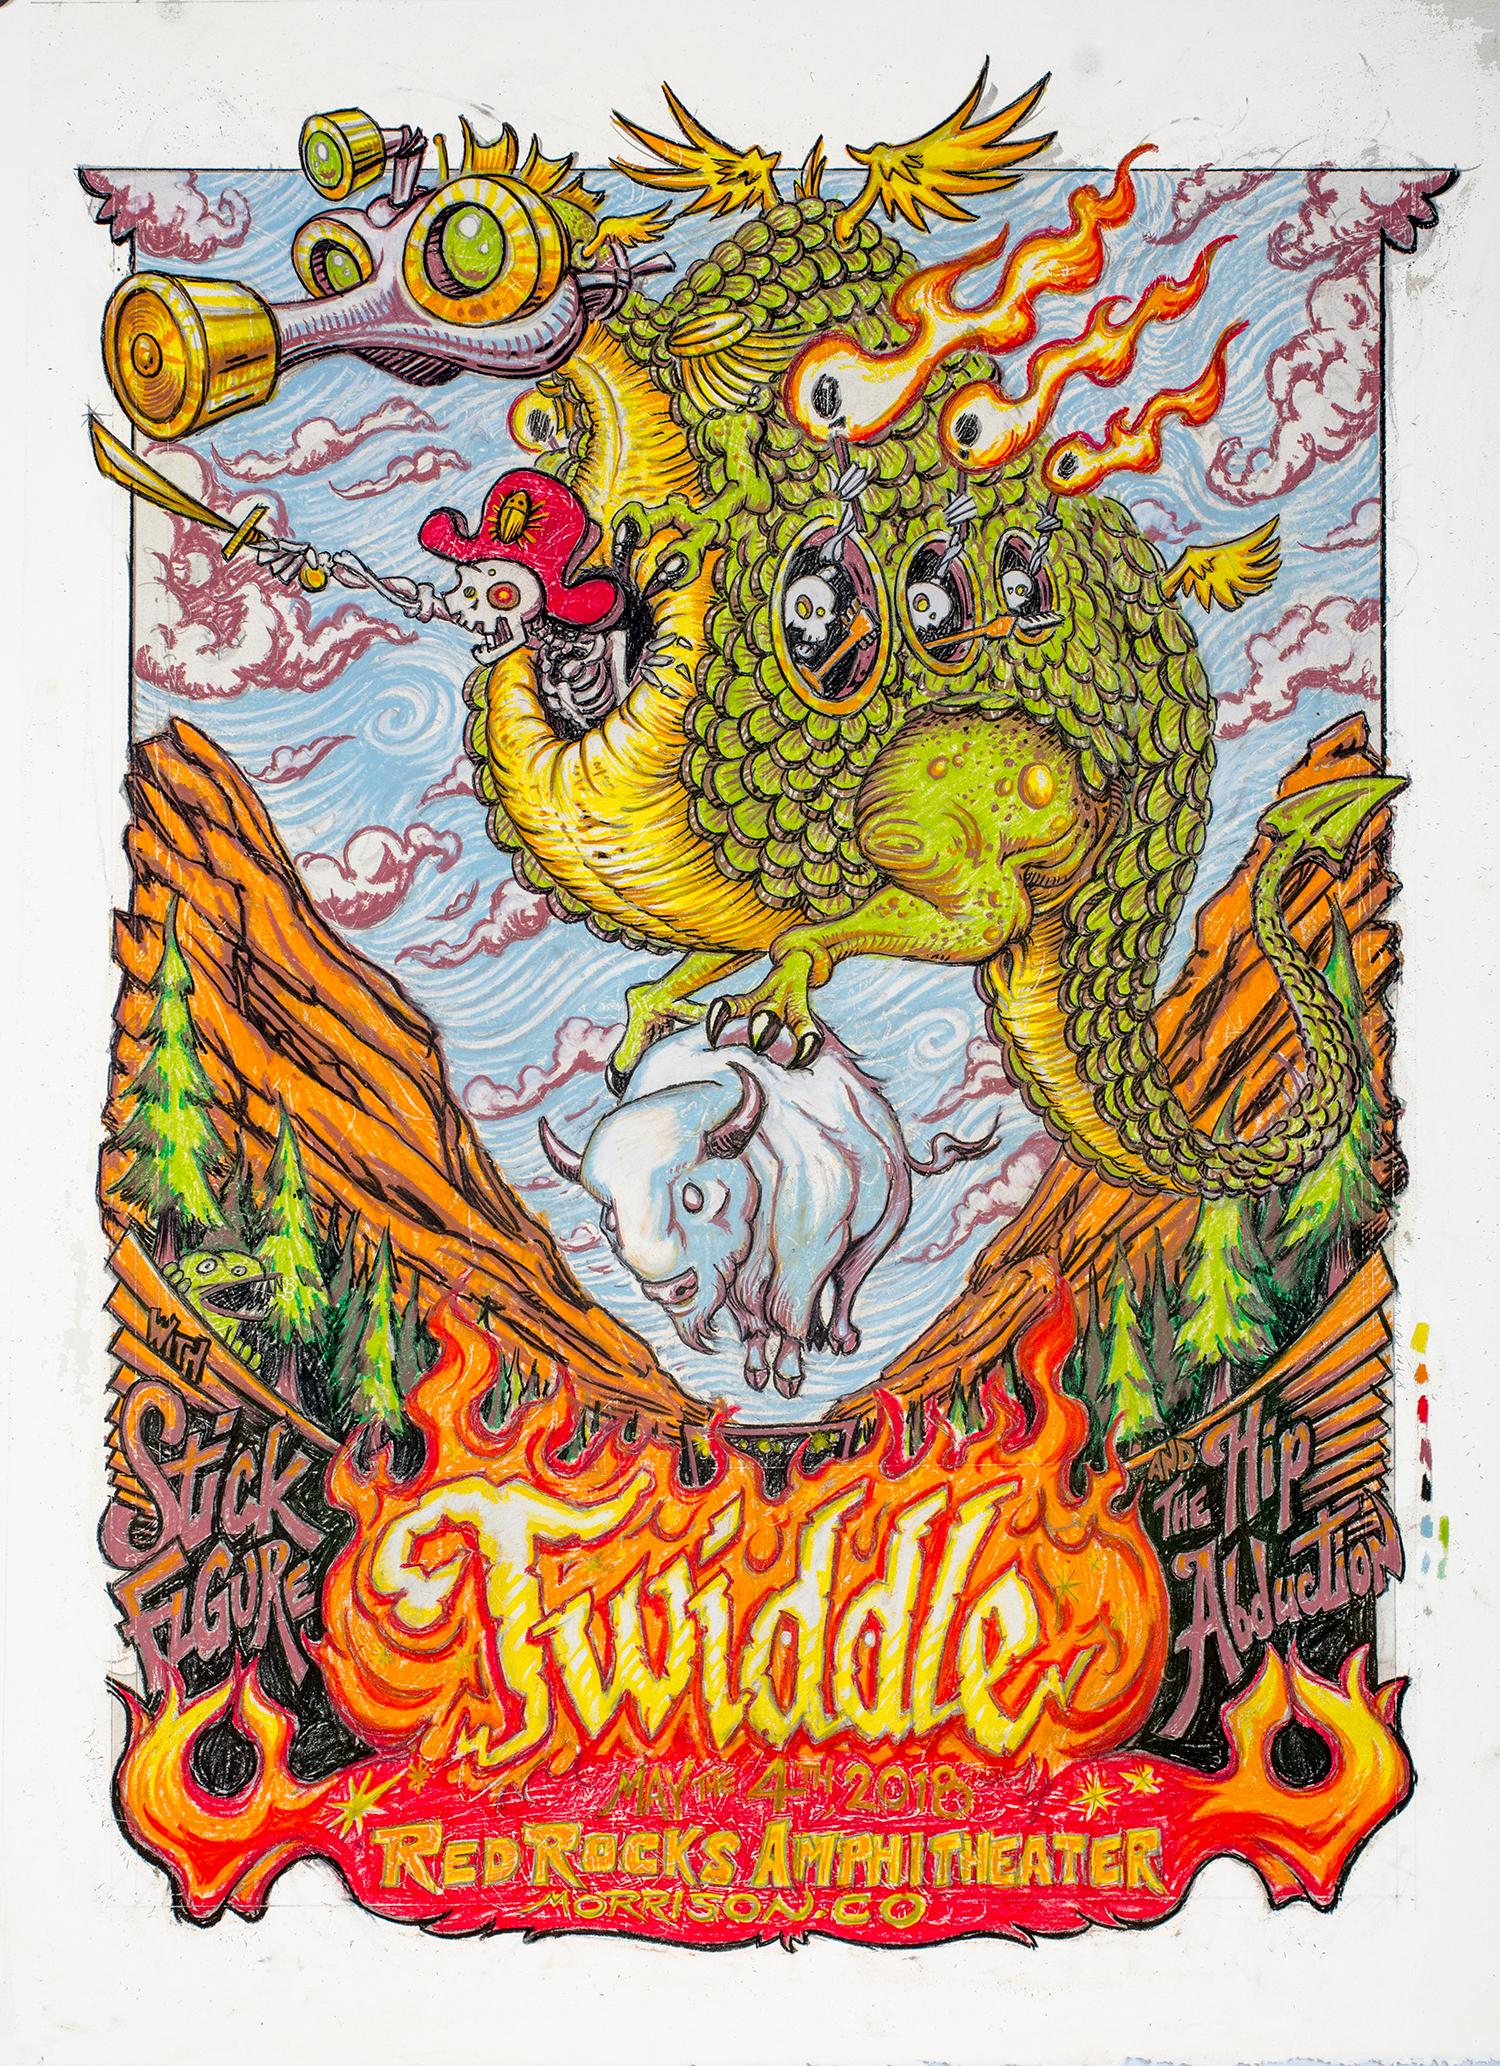 Twiddle - Red Rocks